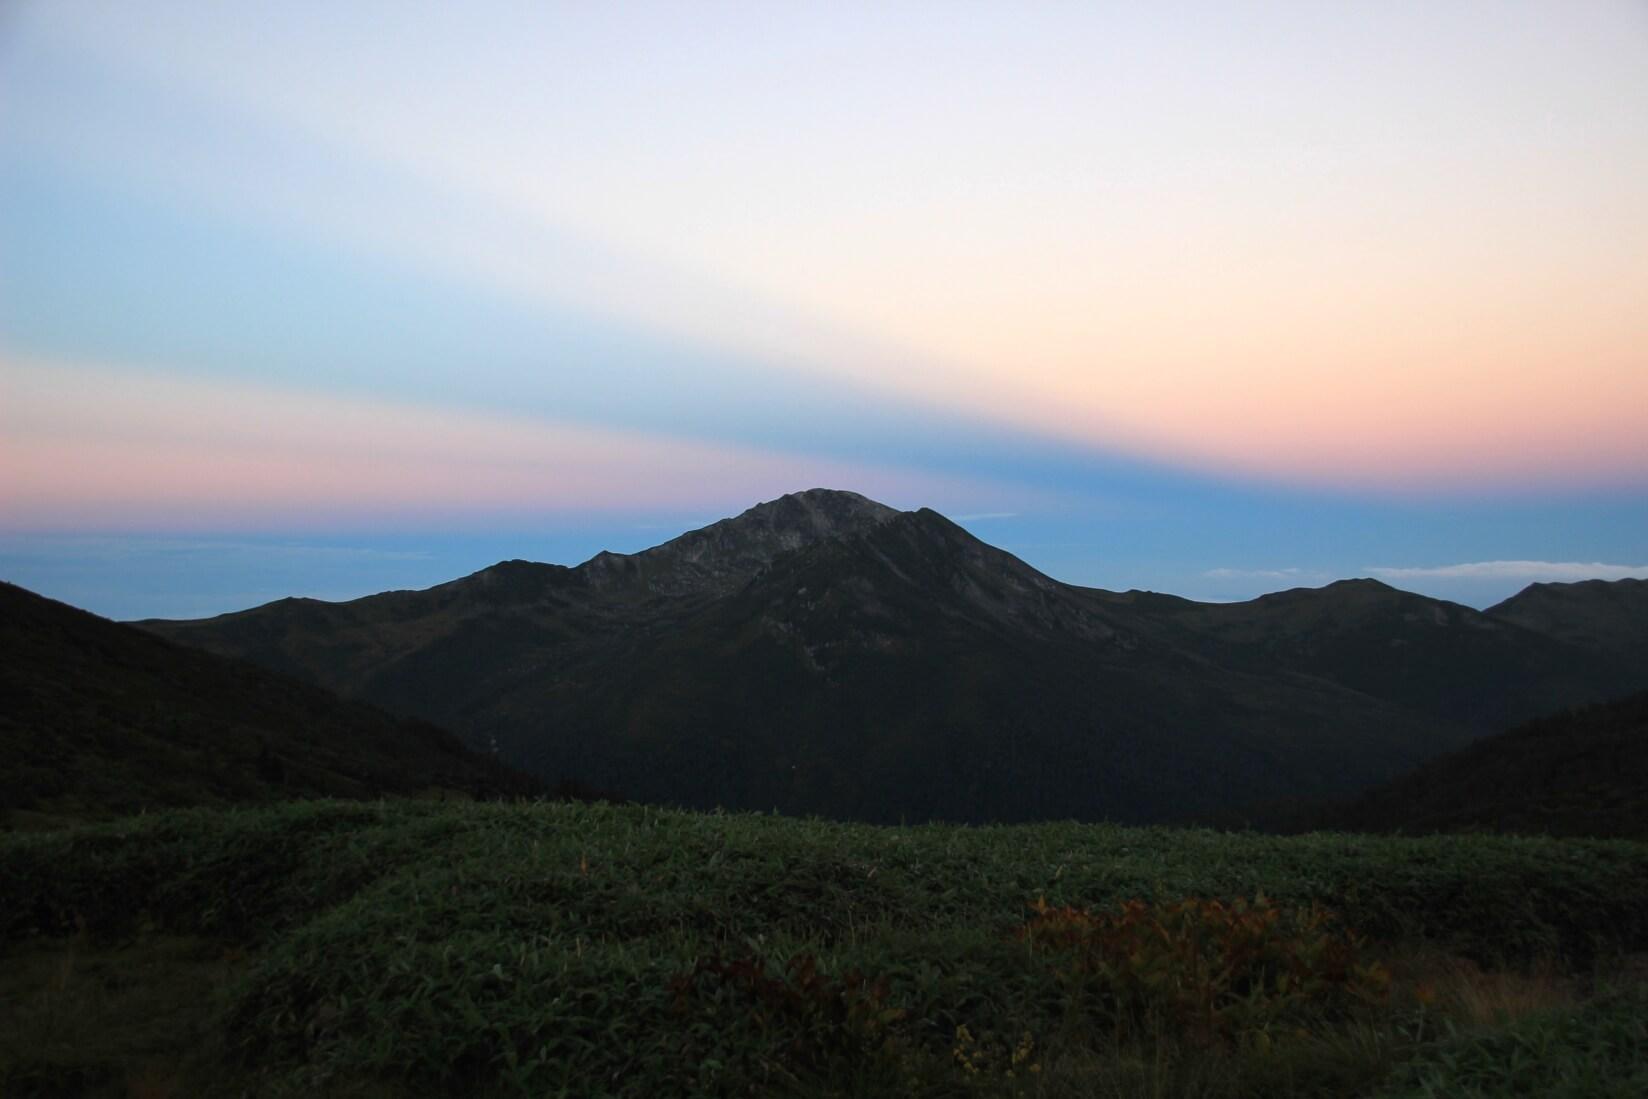 早朝の雲ノ平キャンプ場より黒部五郎岳